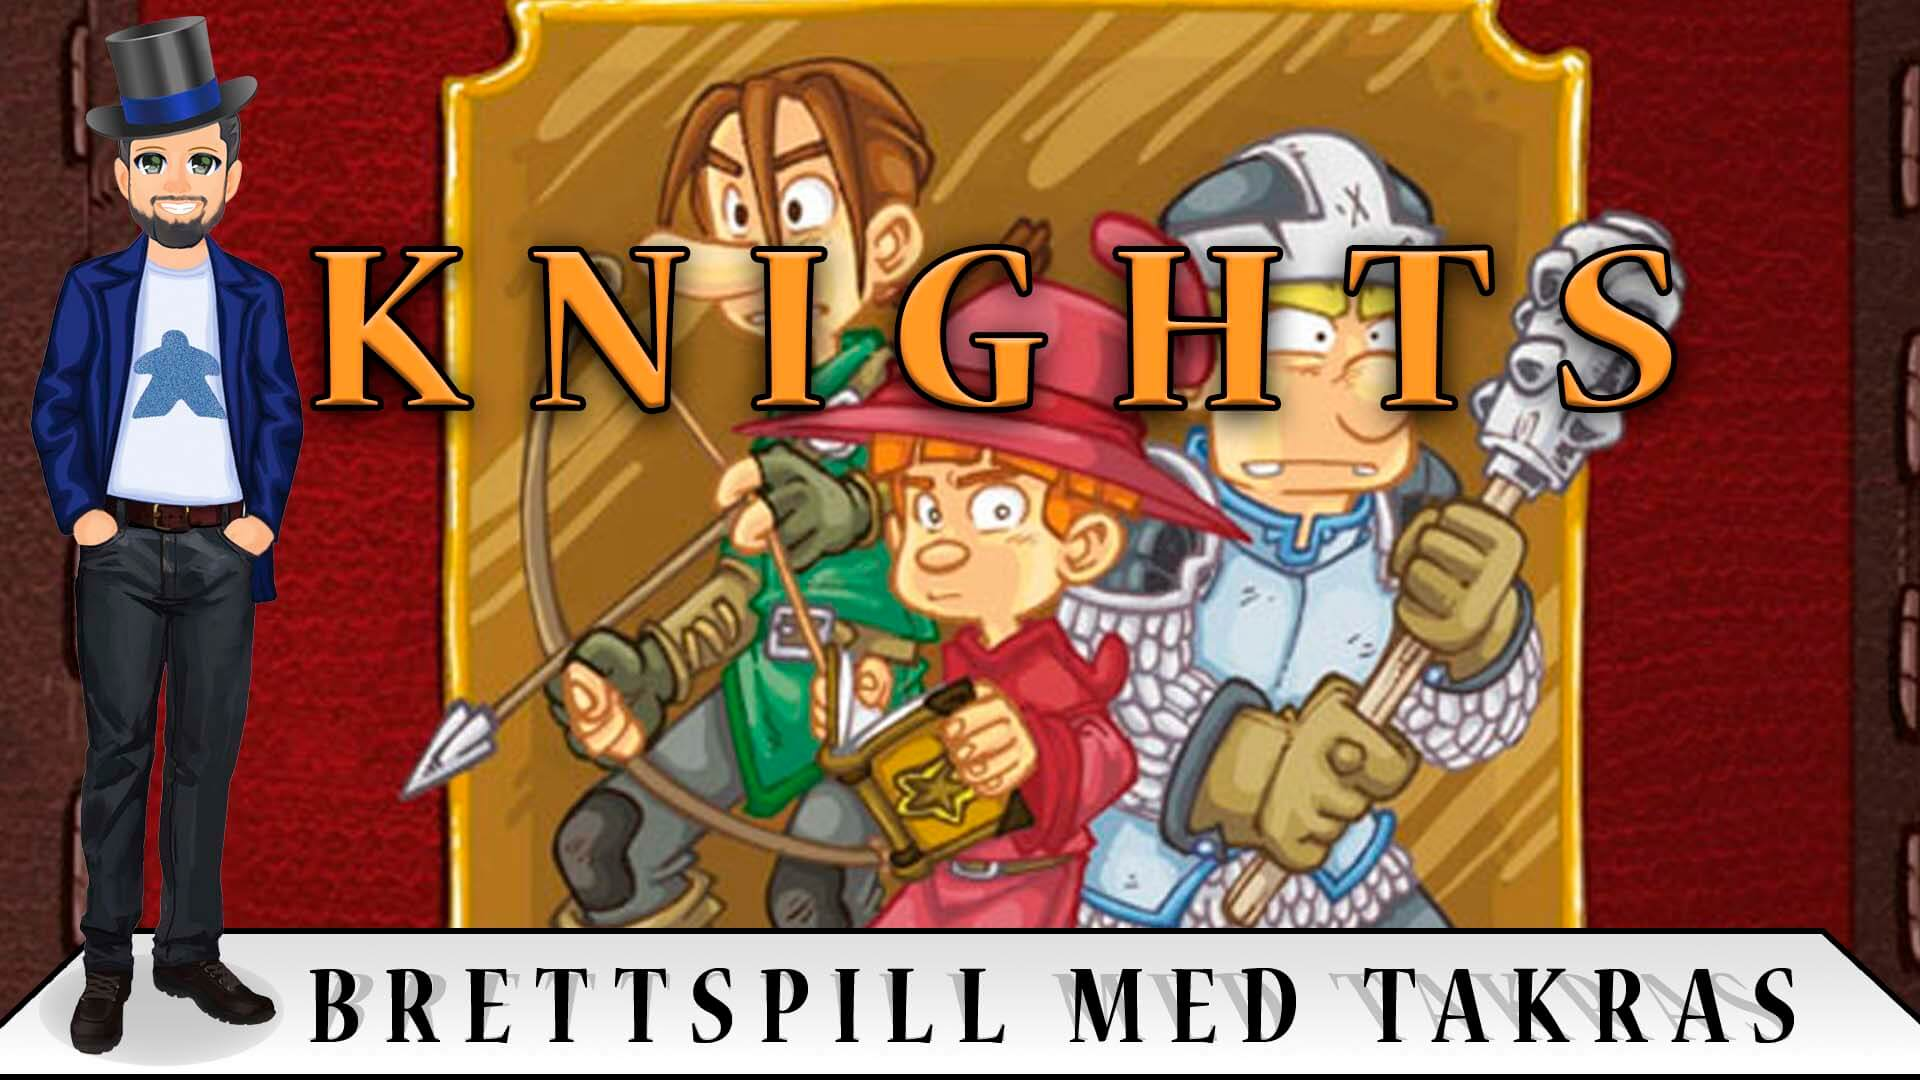 Brettspill med Takras: Knights